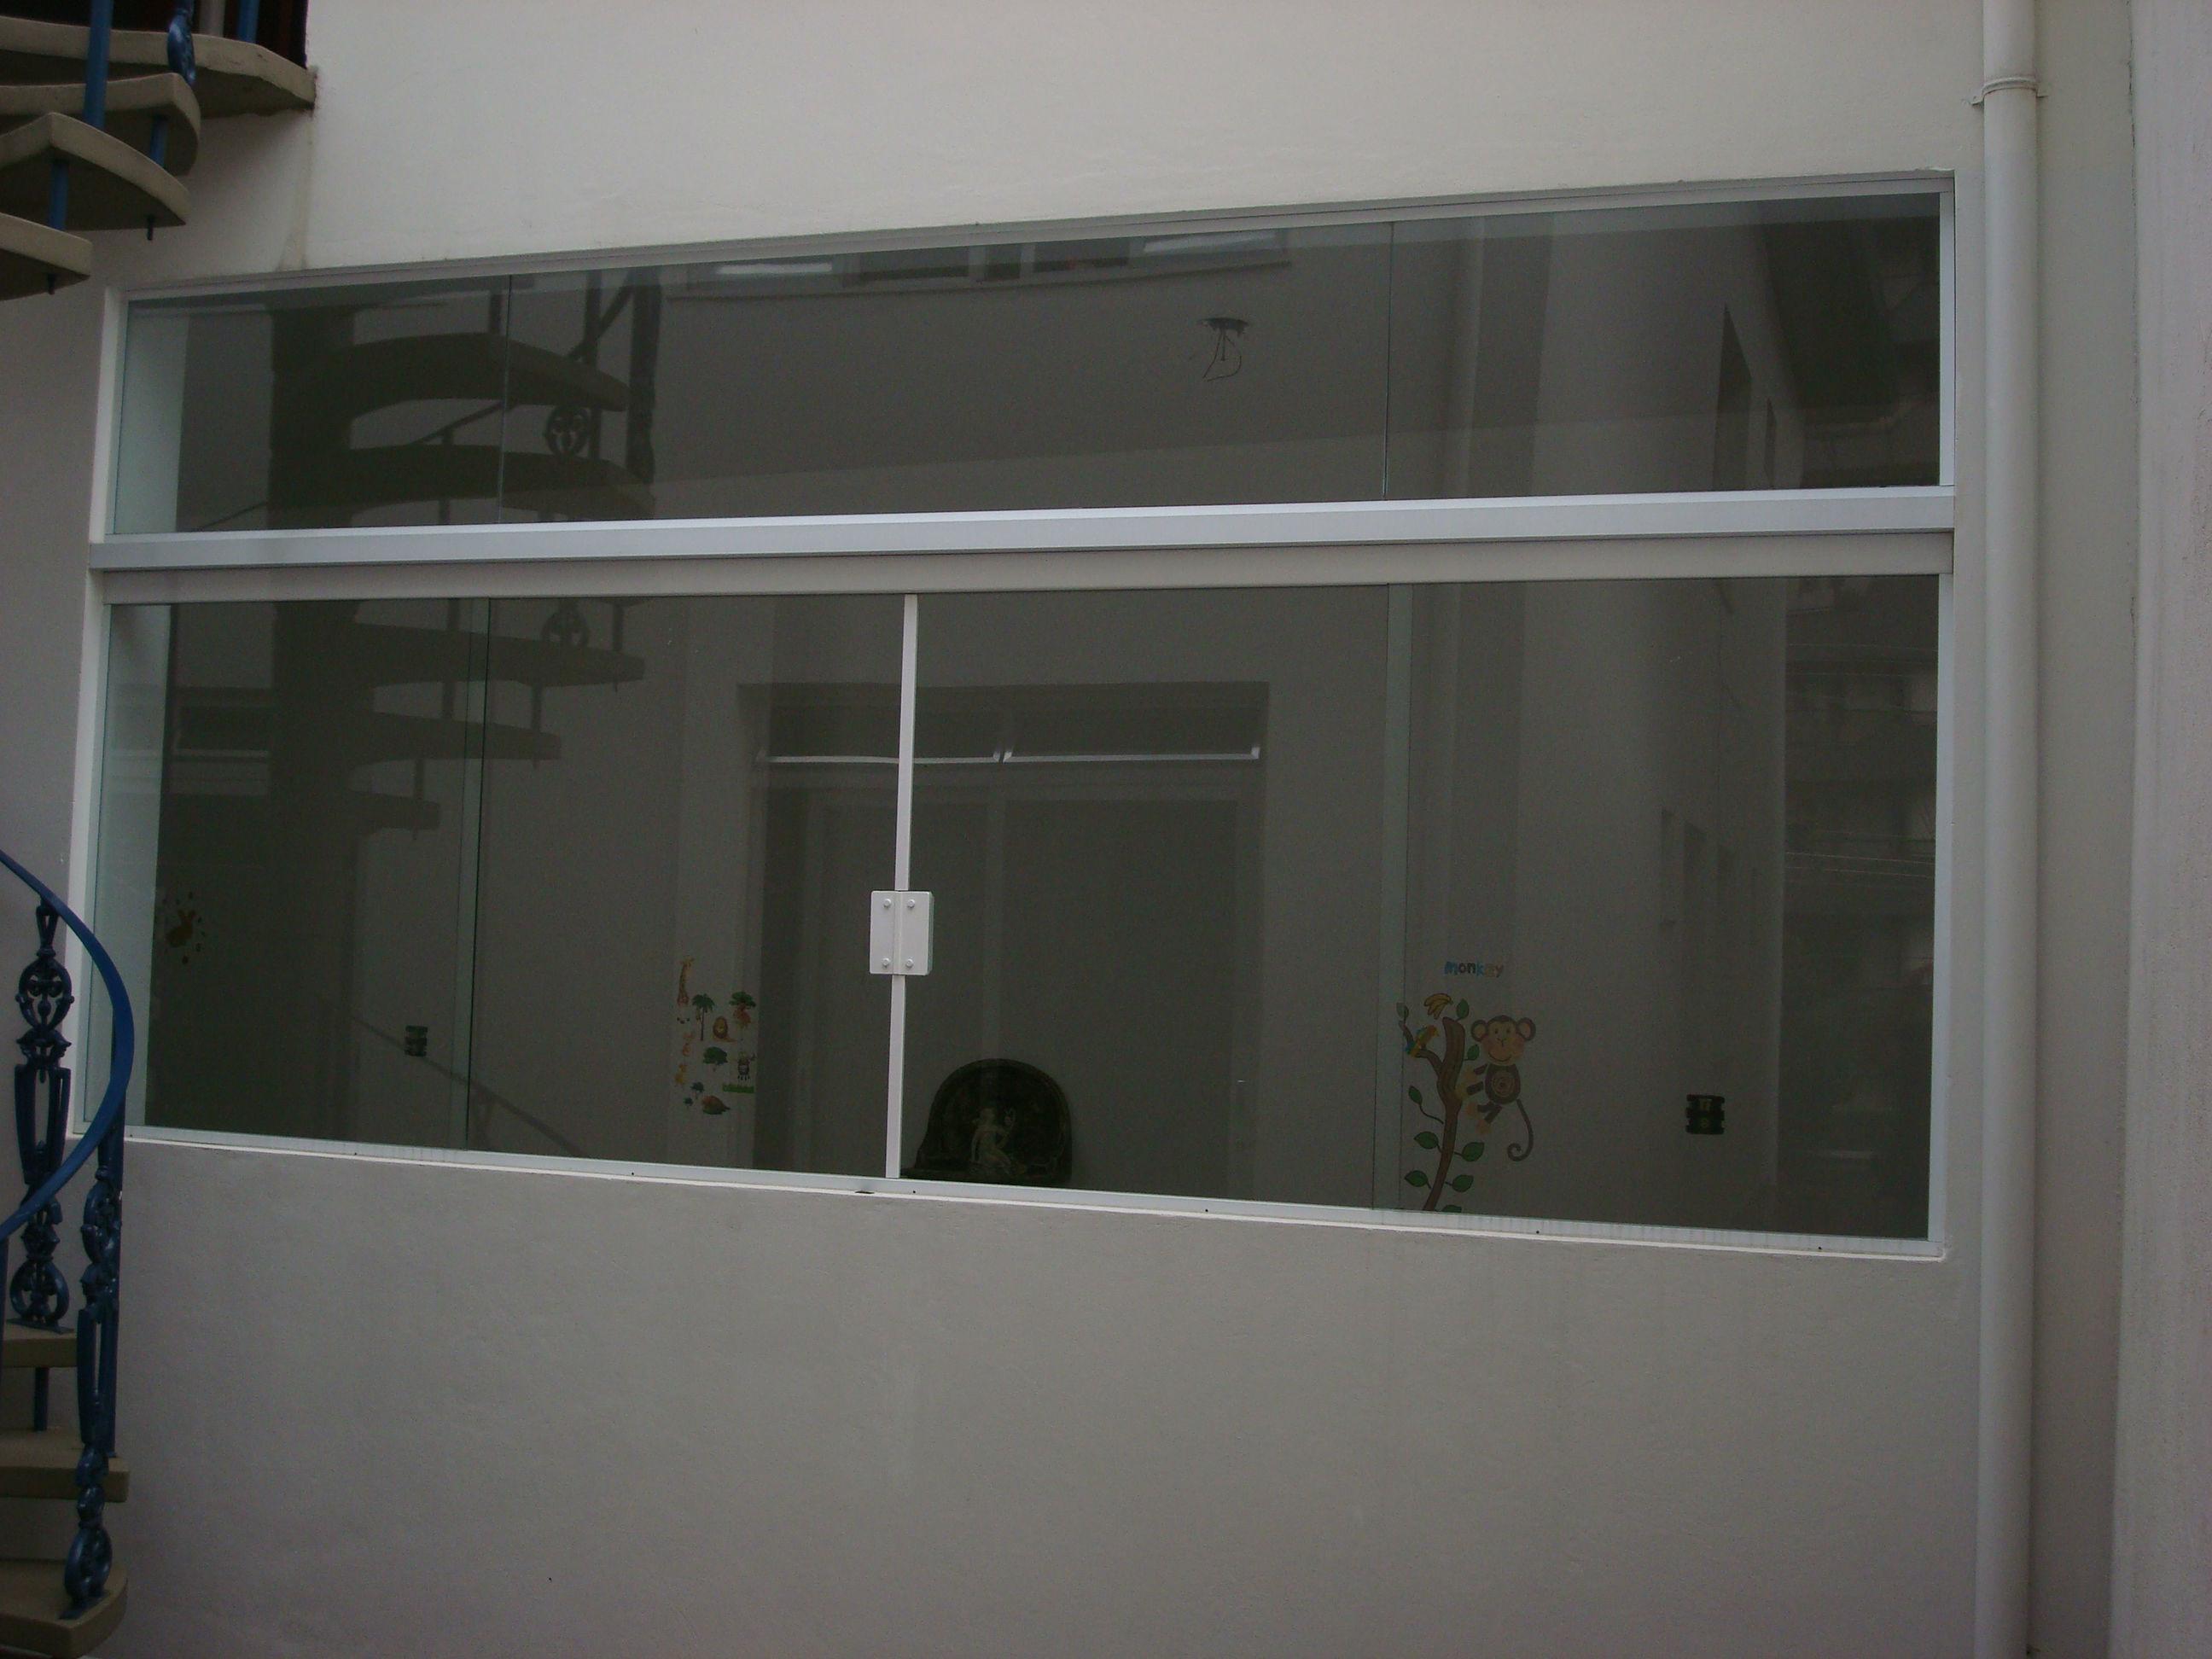 #5F656C de fevereiro de 2012 sábado janela 4 folhas janela 04 folhas em vidro  416 Janelas De Vidros Em Santo Andre